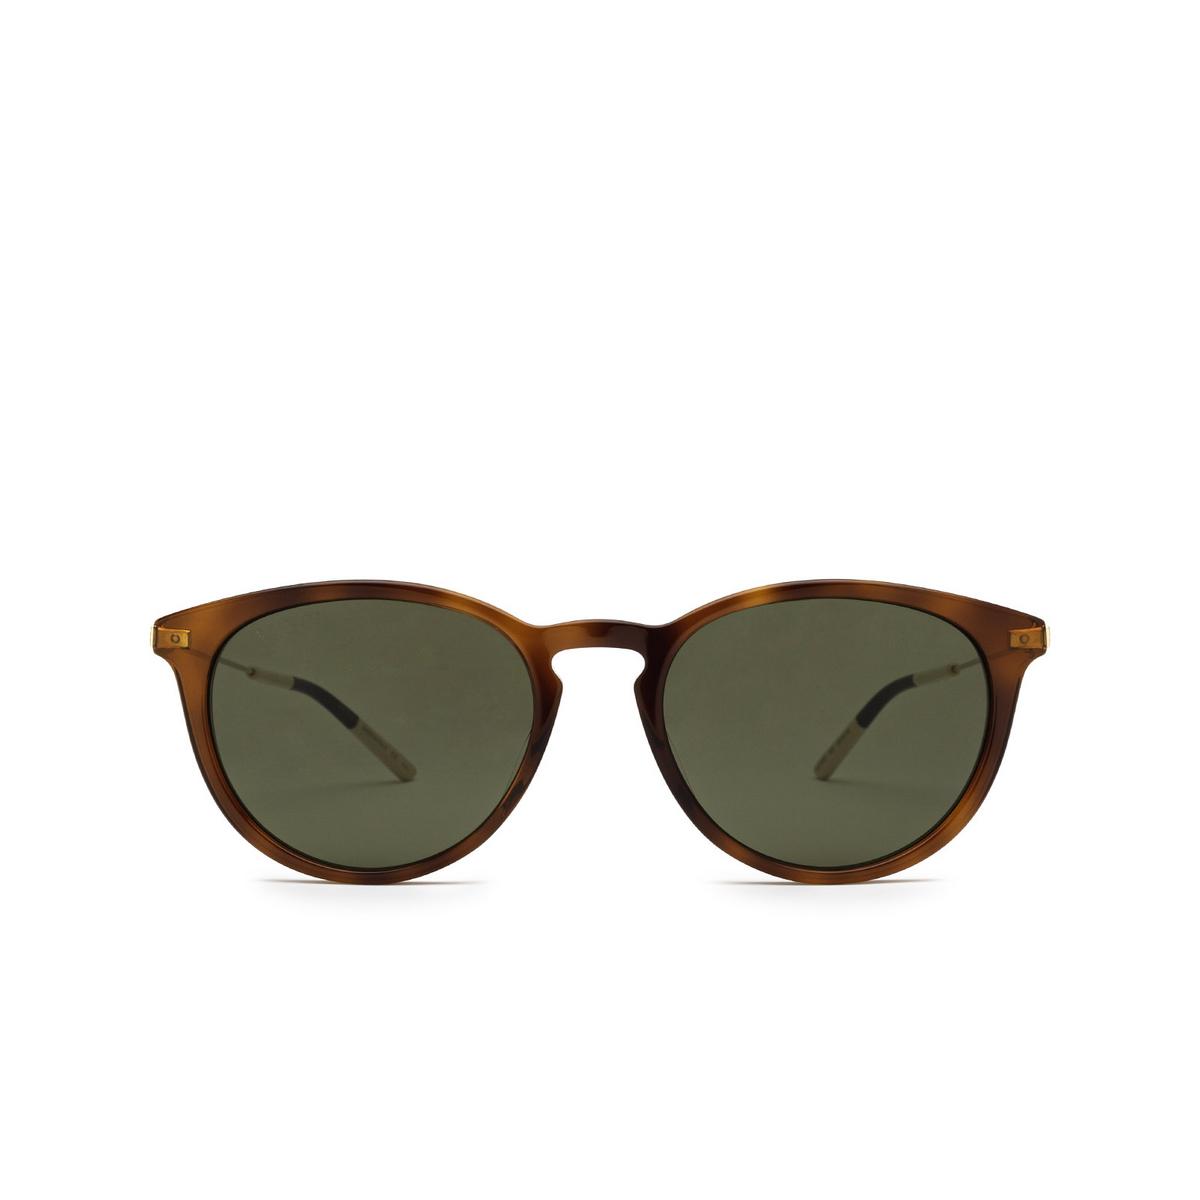 Gucci® Round Sunglasses: GG1048S color Havana 002 - 1/3.